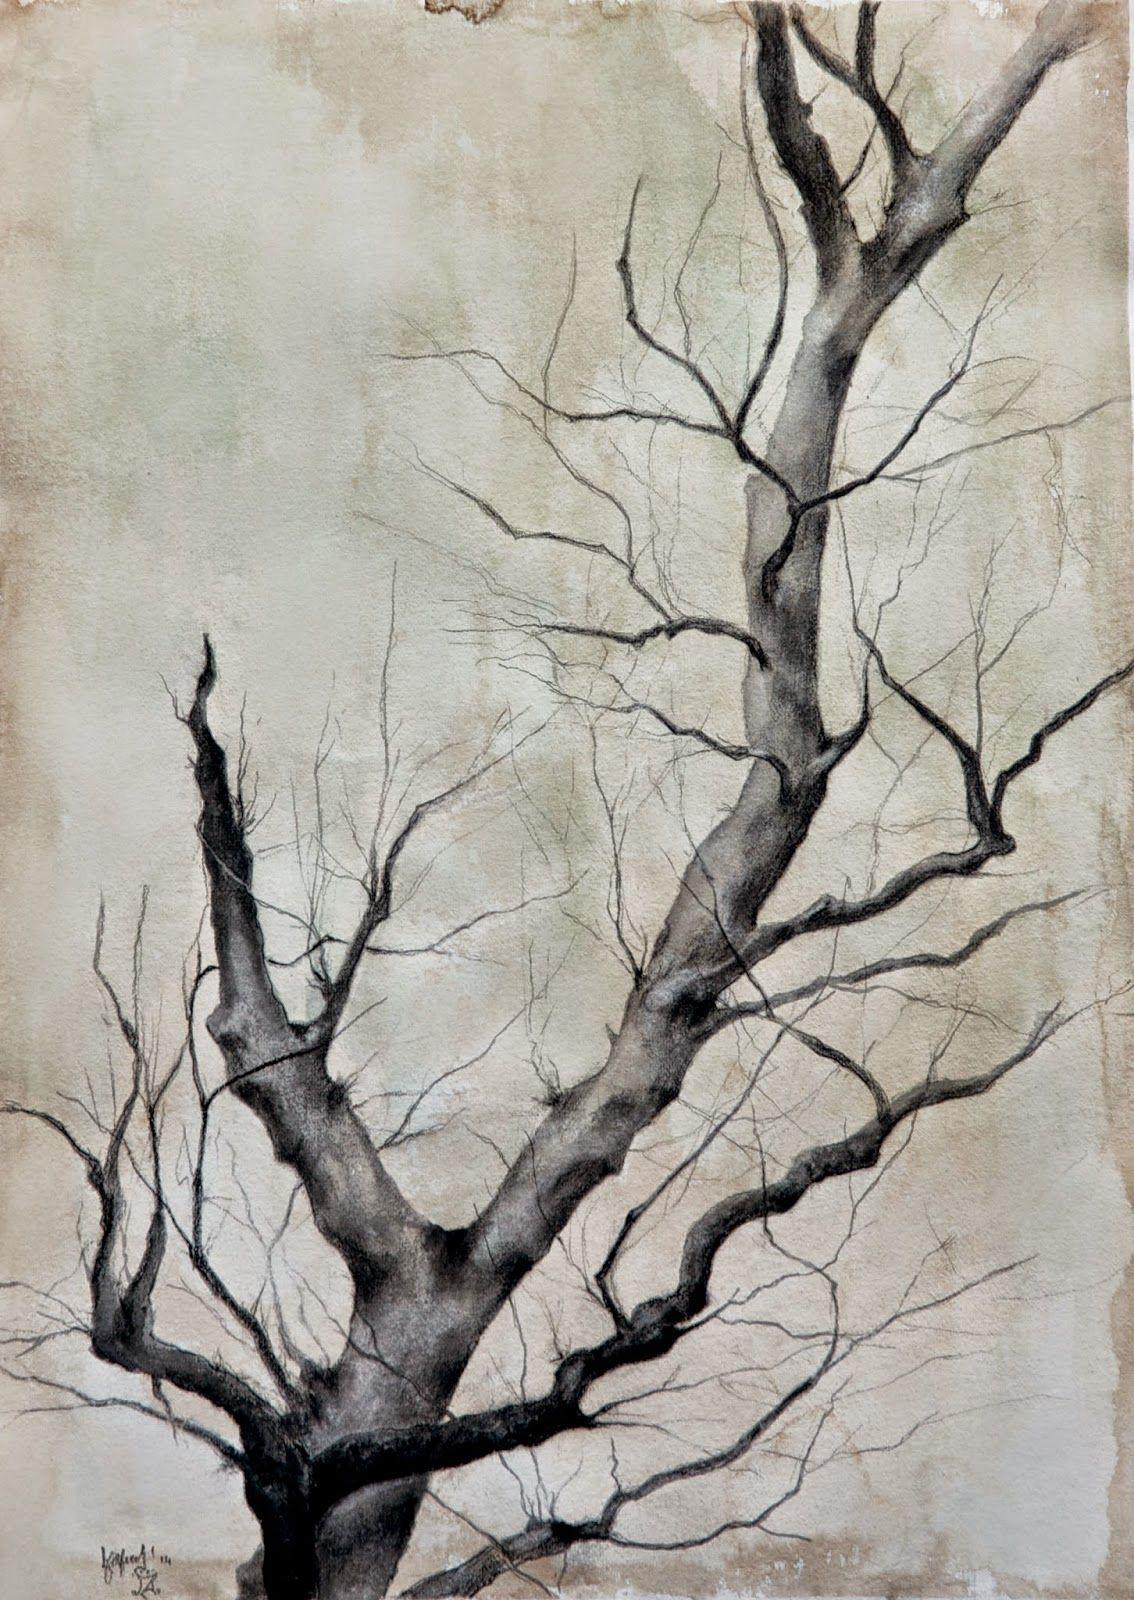 Al Mazzaglia I have a tree Charcoal on paper #draving #illustration #artworks #artist #almazzaglia #tree #fineart #viarco #derwent https://www.facebook.com/almazzaglia.visualartist?ref=hl http://almazzaglia.com